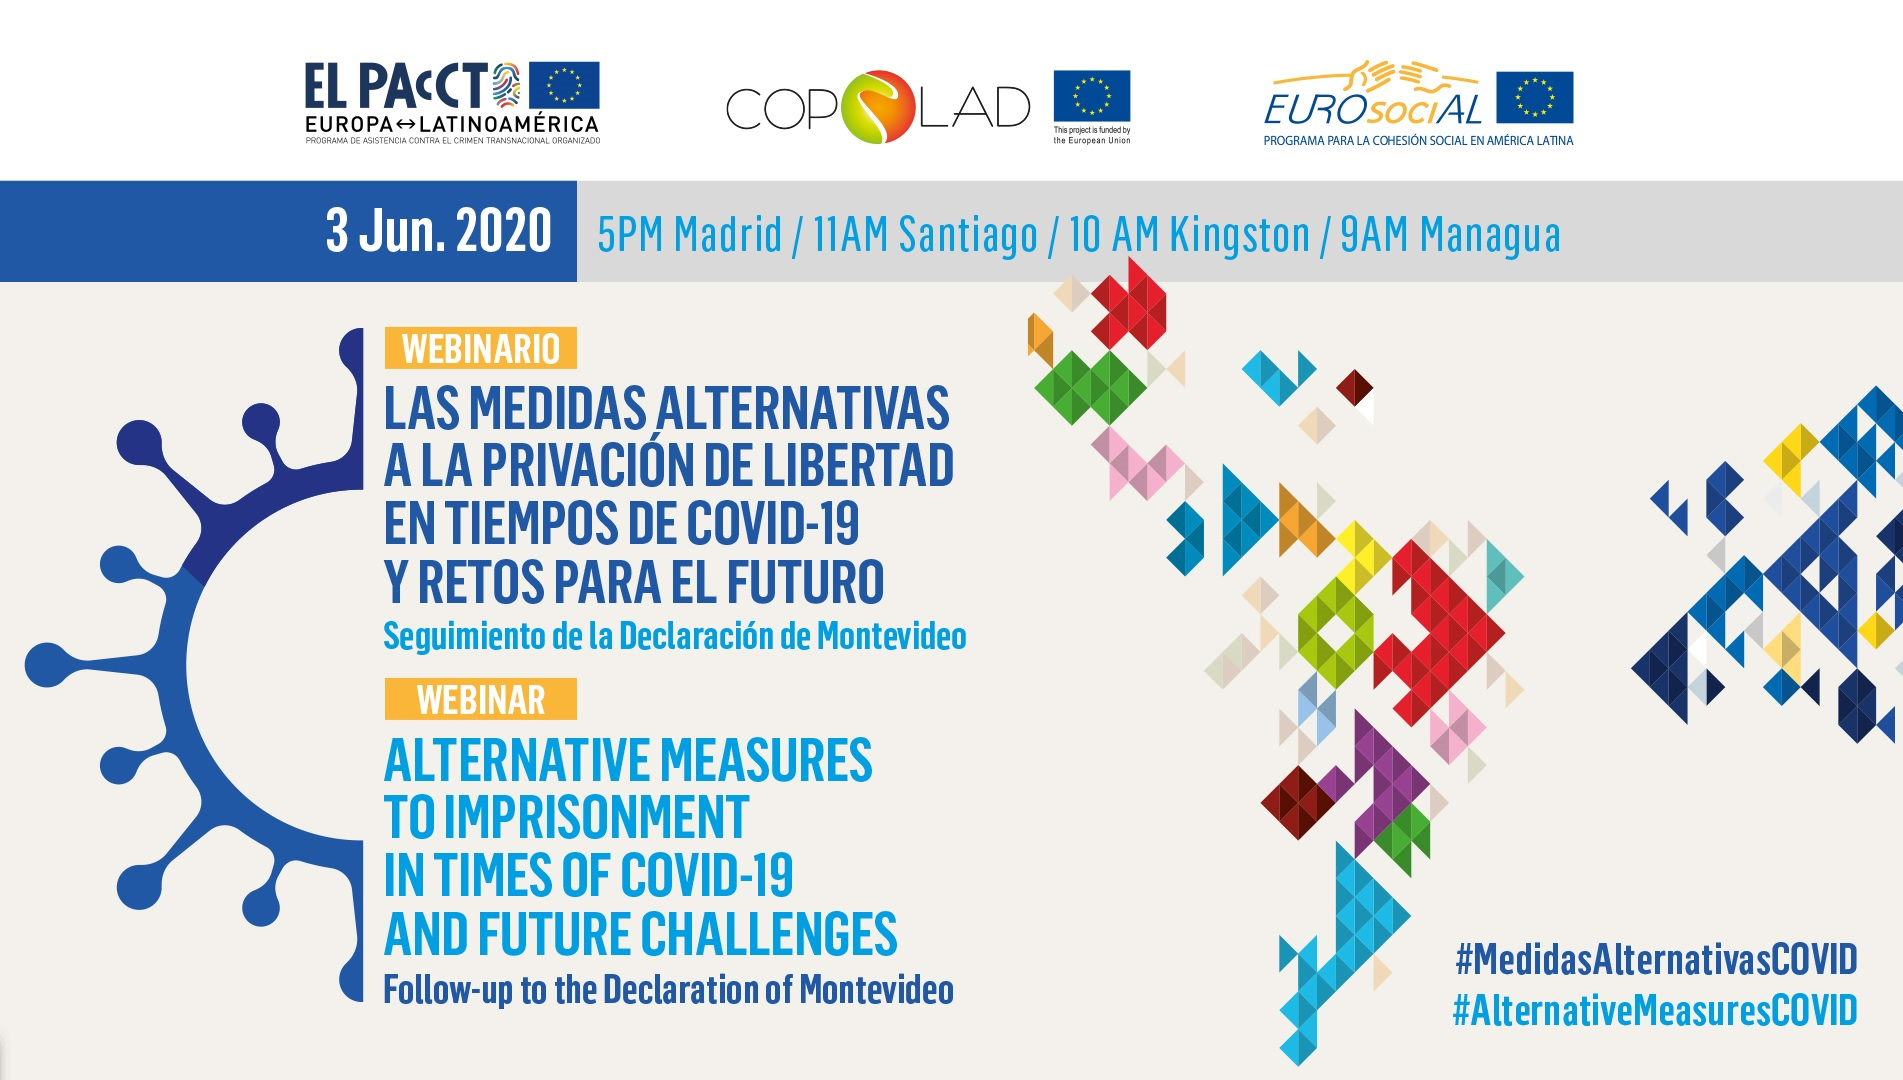 Las medidas alternativas a la prisión: una necesidad para la cooperación ALC-UE en tiempos de COVID-19